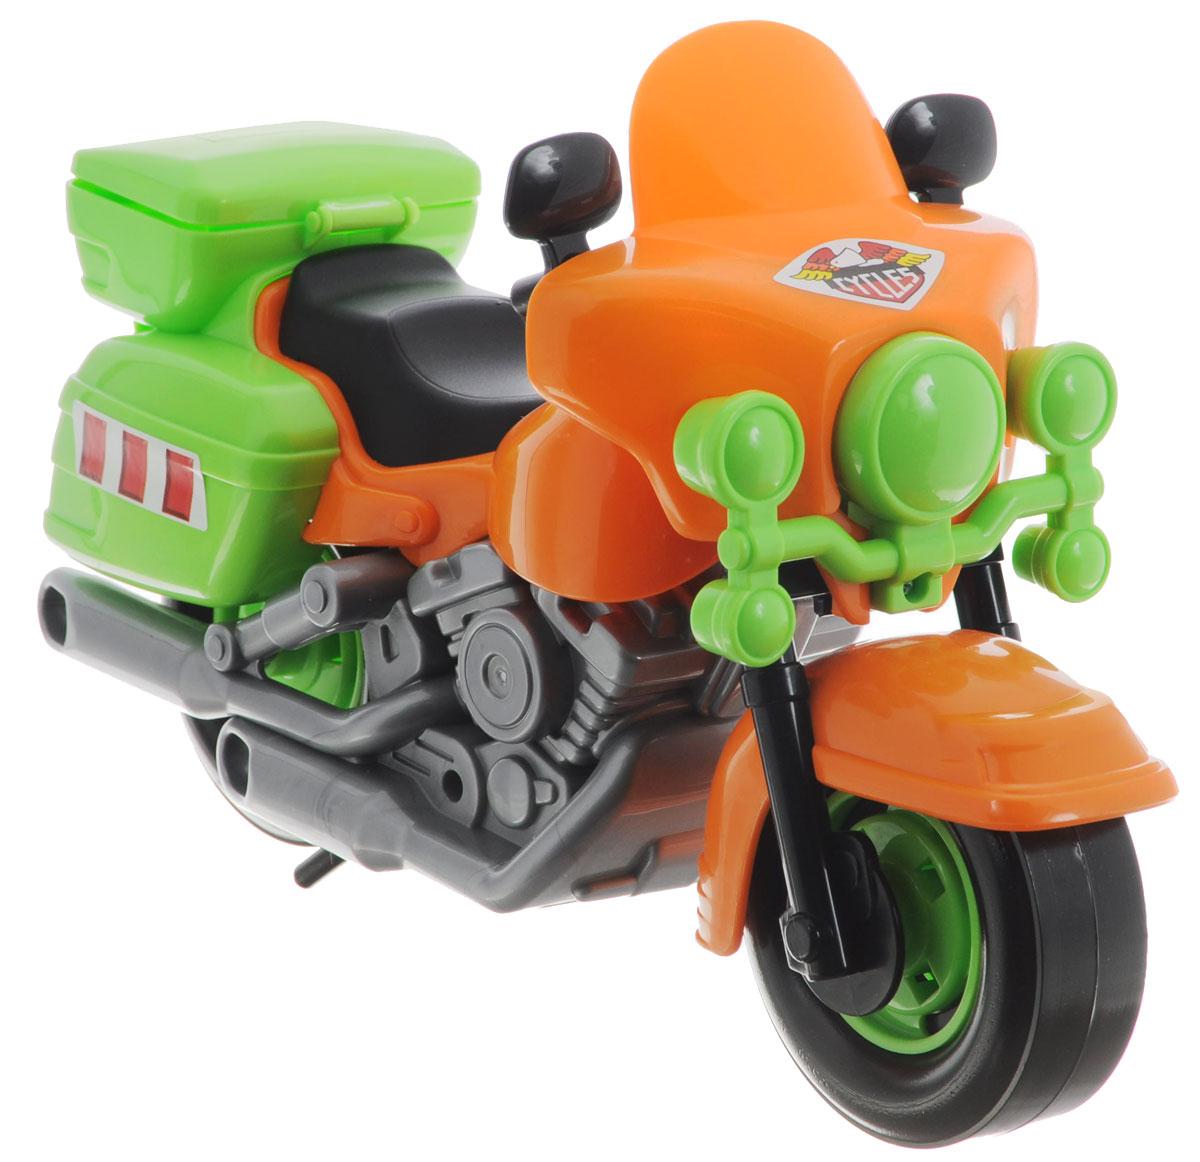 Полесье Полицейский мотоцикл Харлей цвет оранжевый салатовый